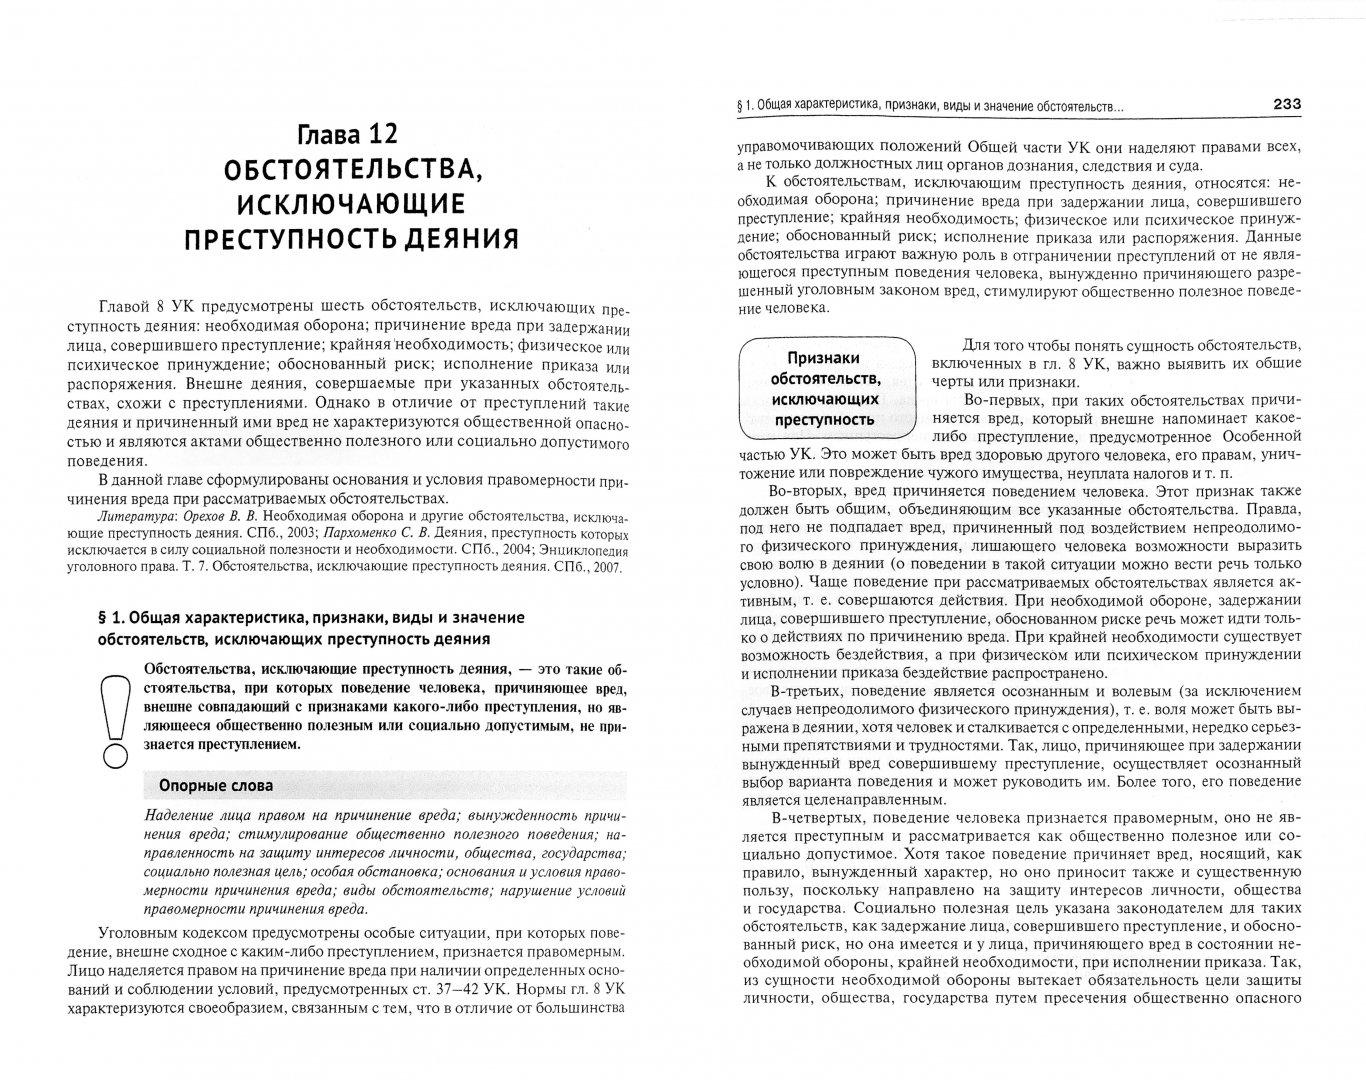 Иллюстрация 1 из 19 для Уголовное право. Общая часть. Учебник для бакалавров - Есаков, Грачева, Корнеева | Лабиринт - книги. Источник: Лабиринт